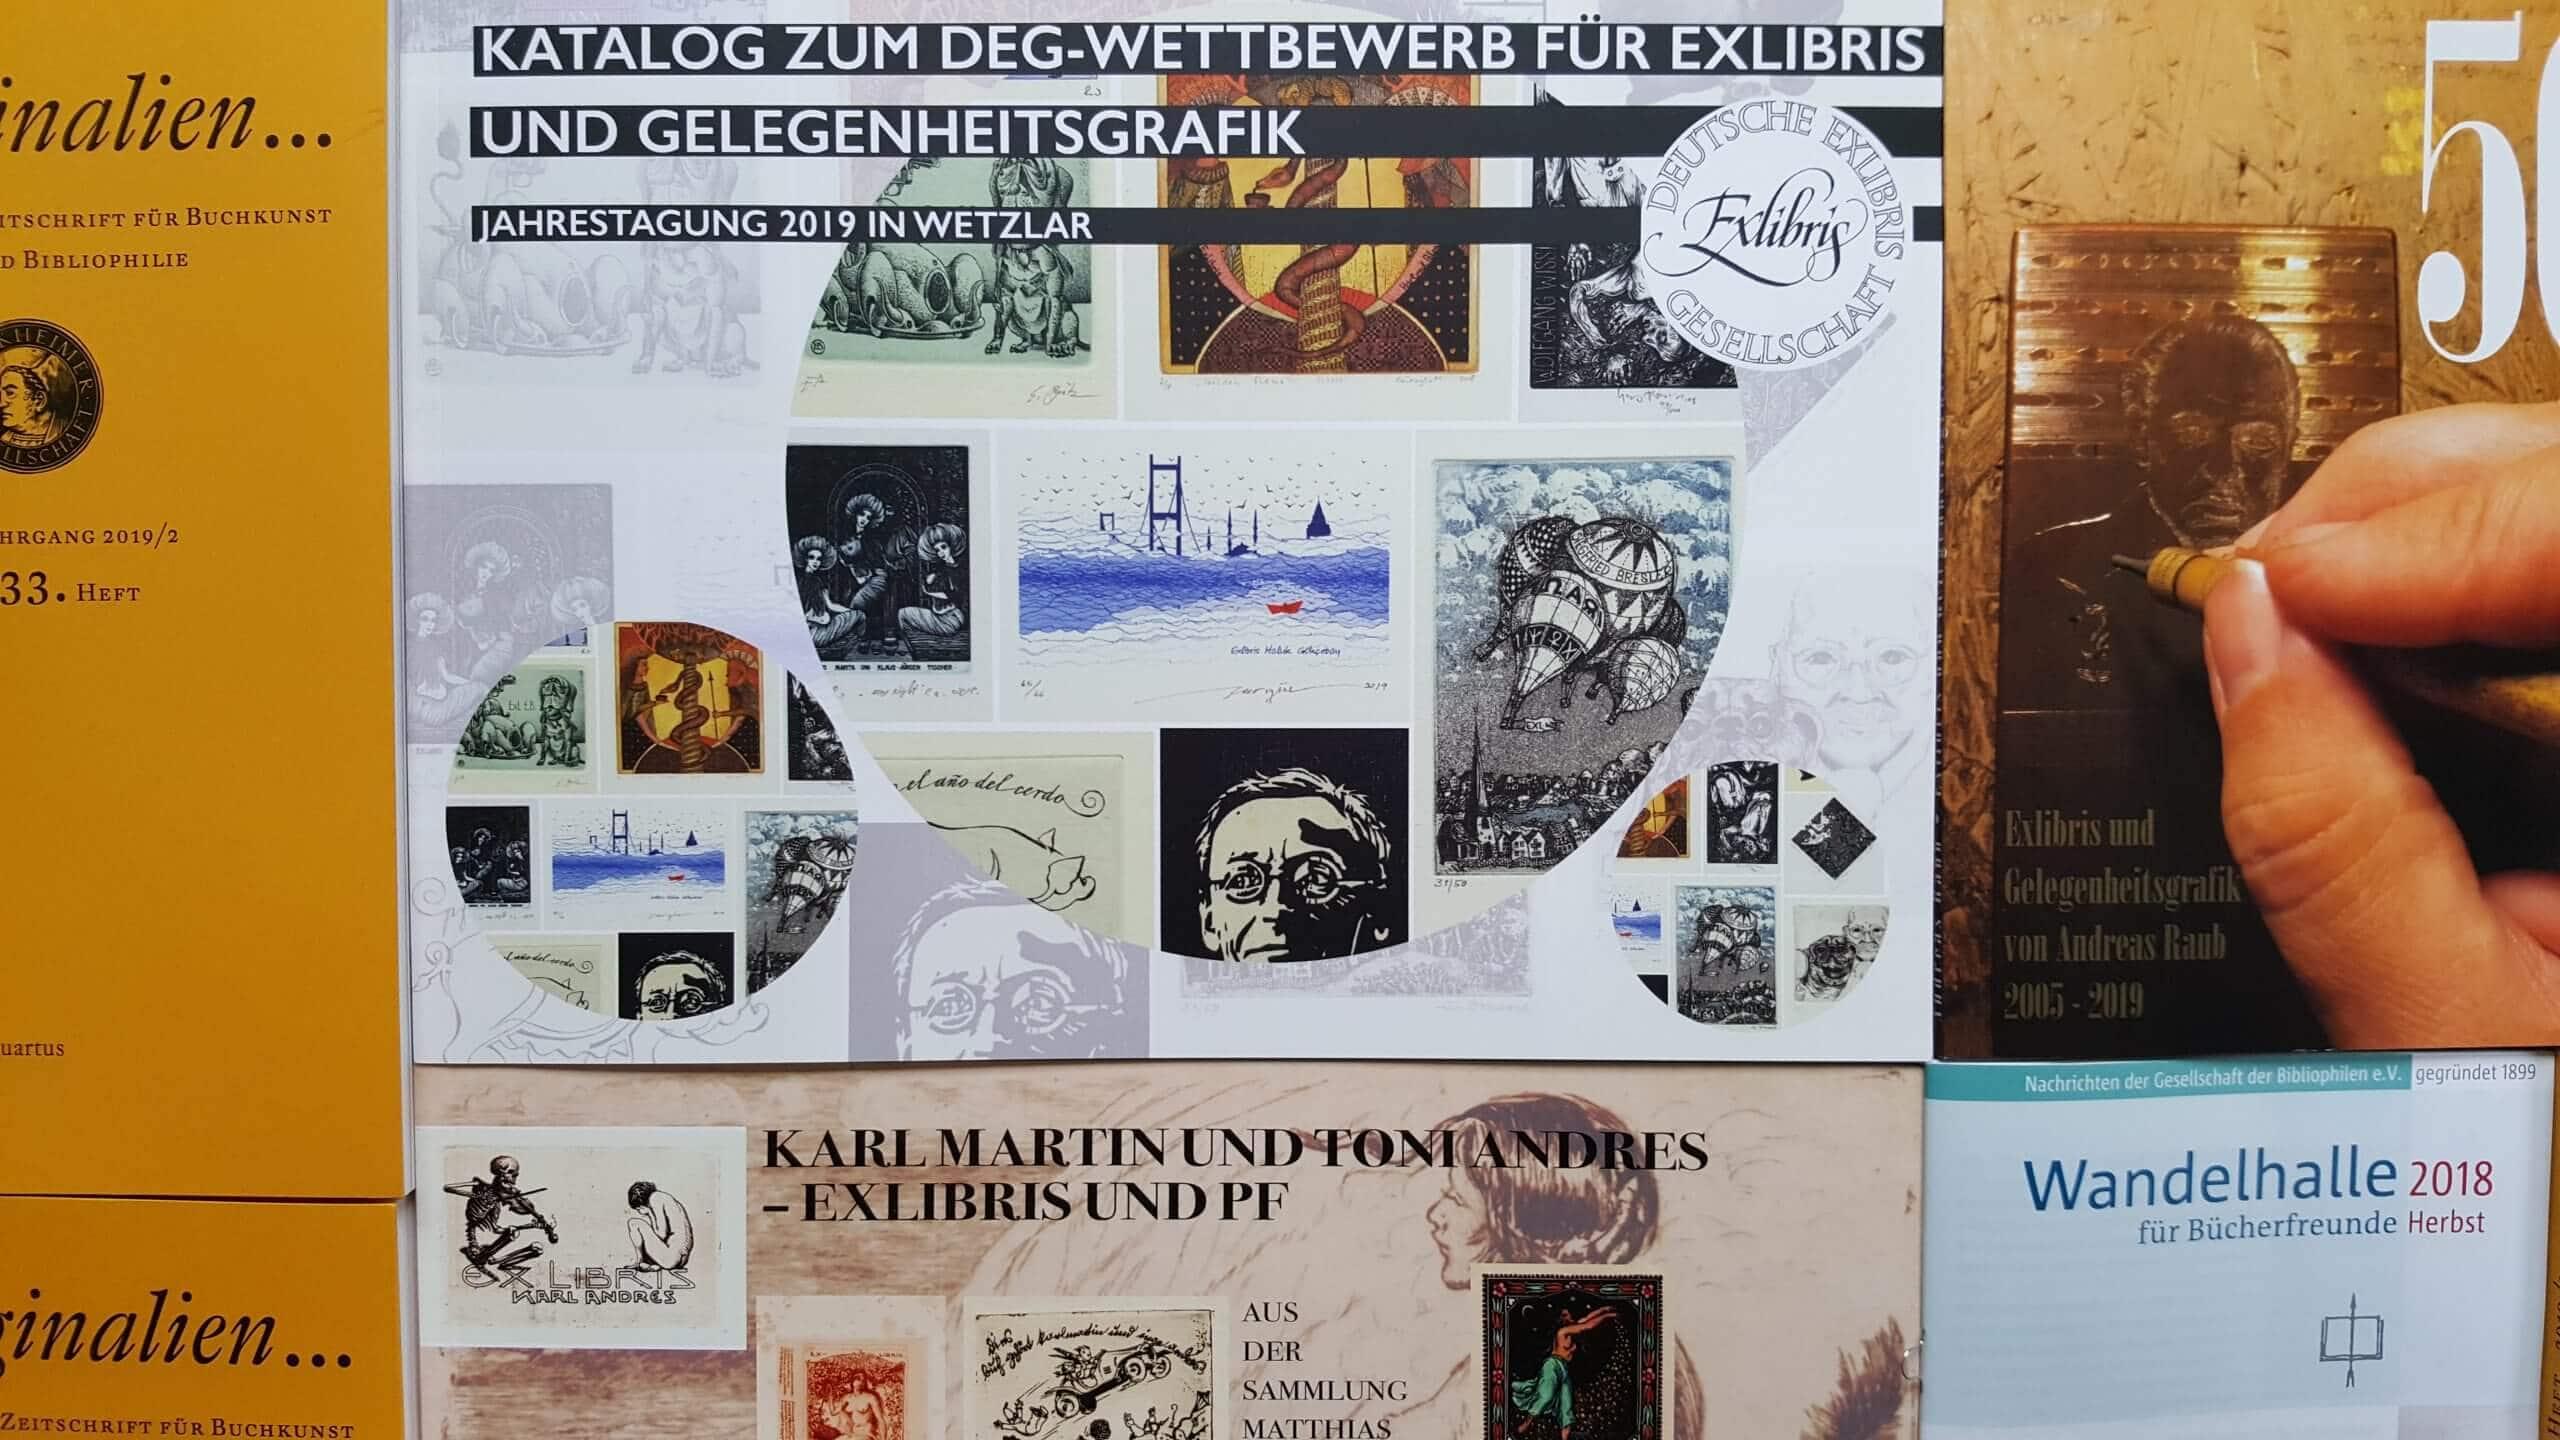 Website Bild Publikationen 5. Neuerscheinungen